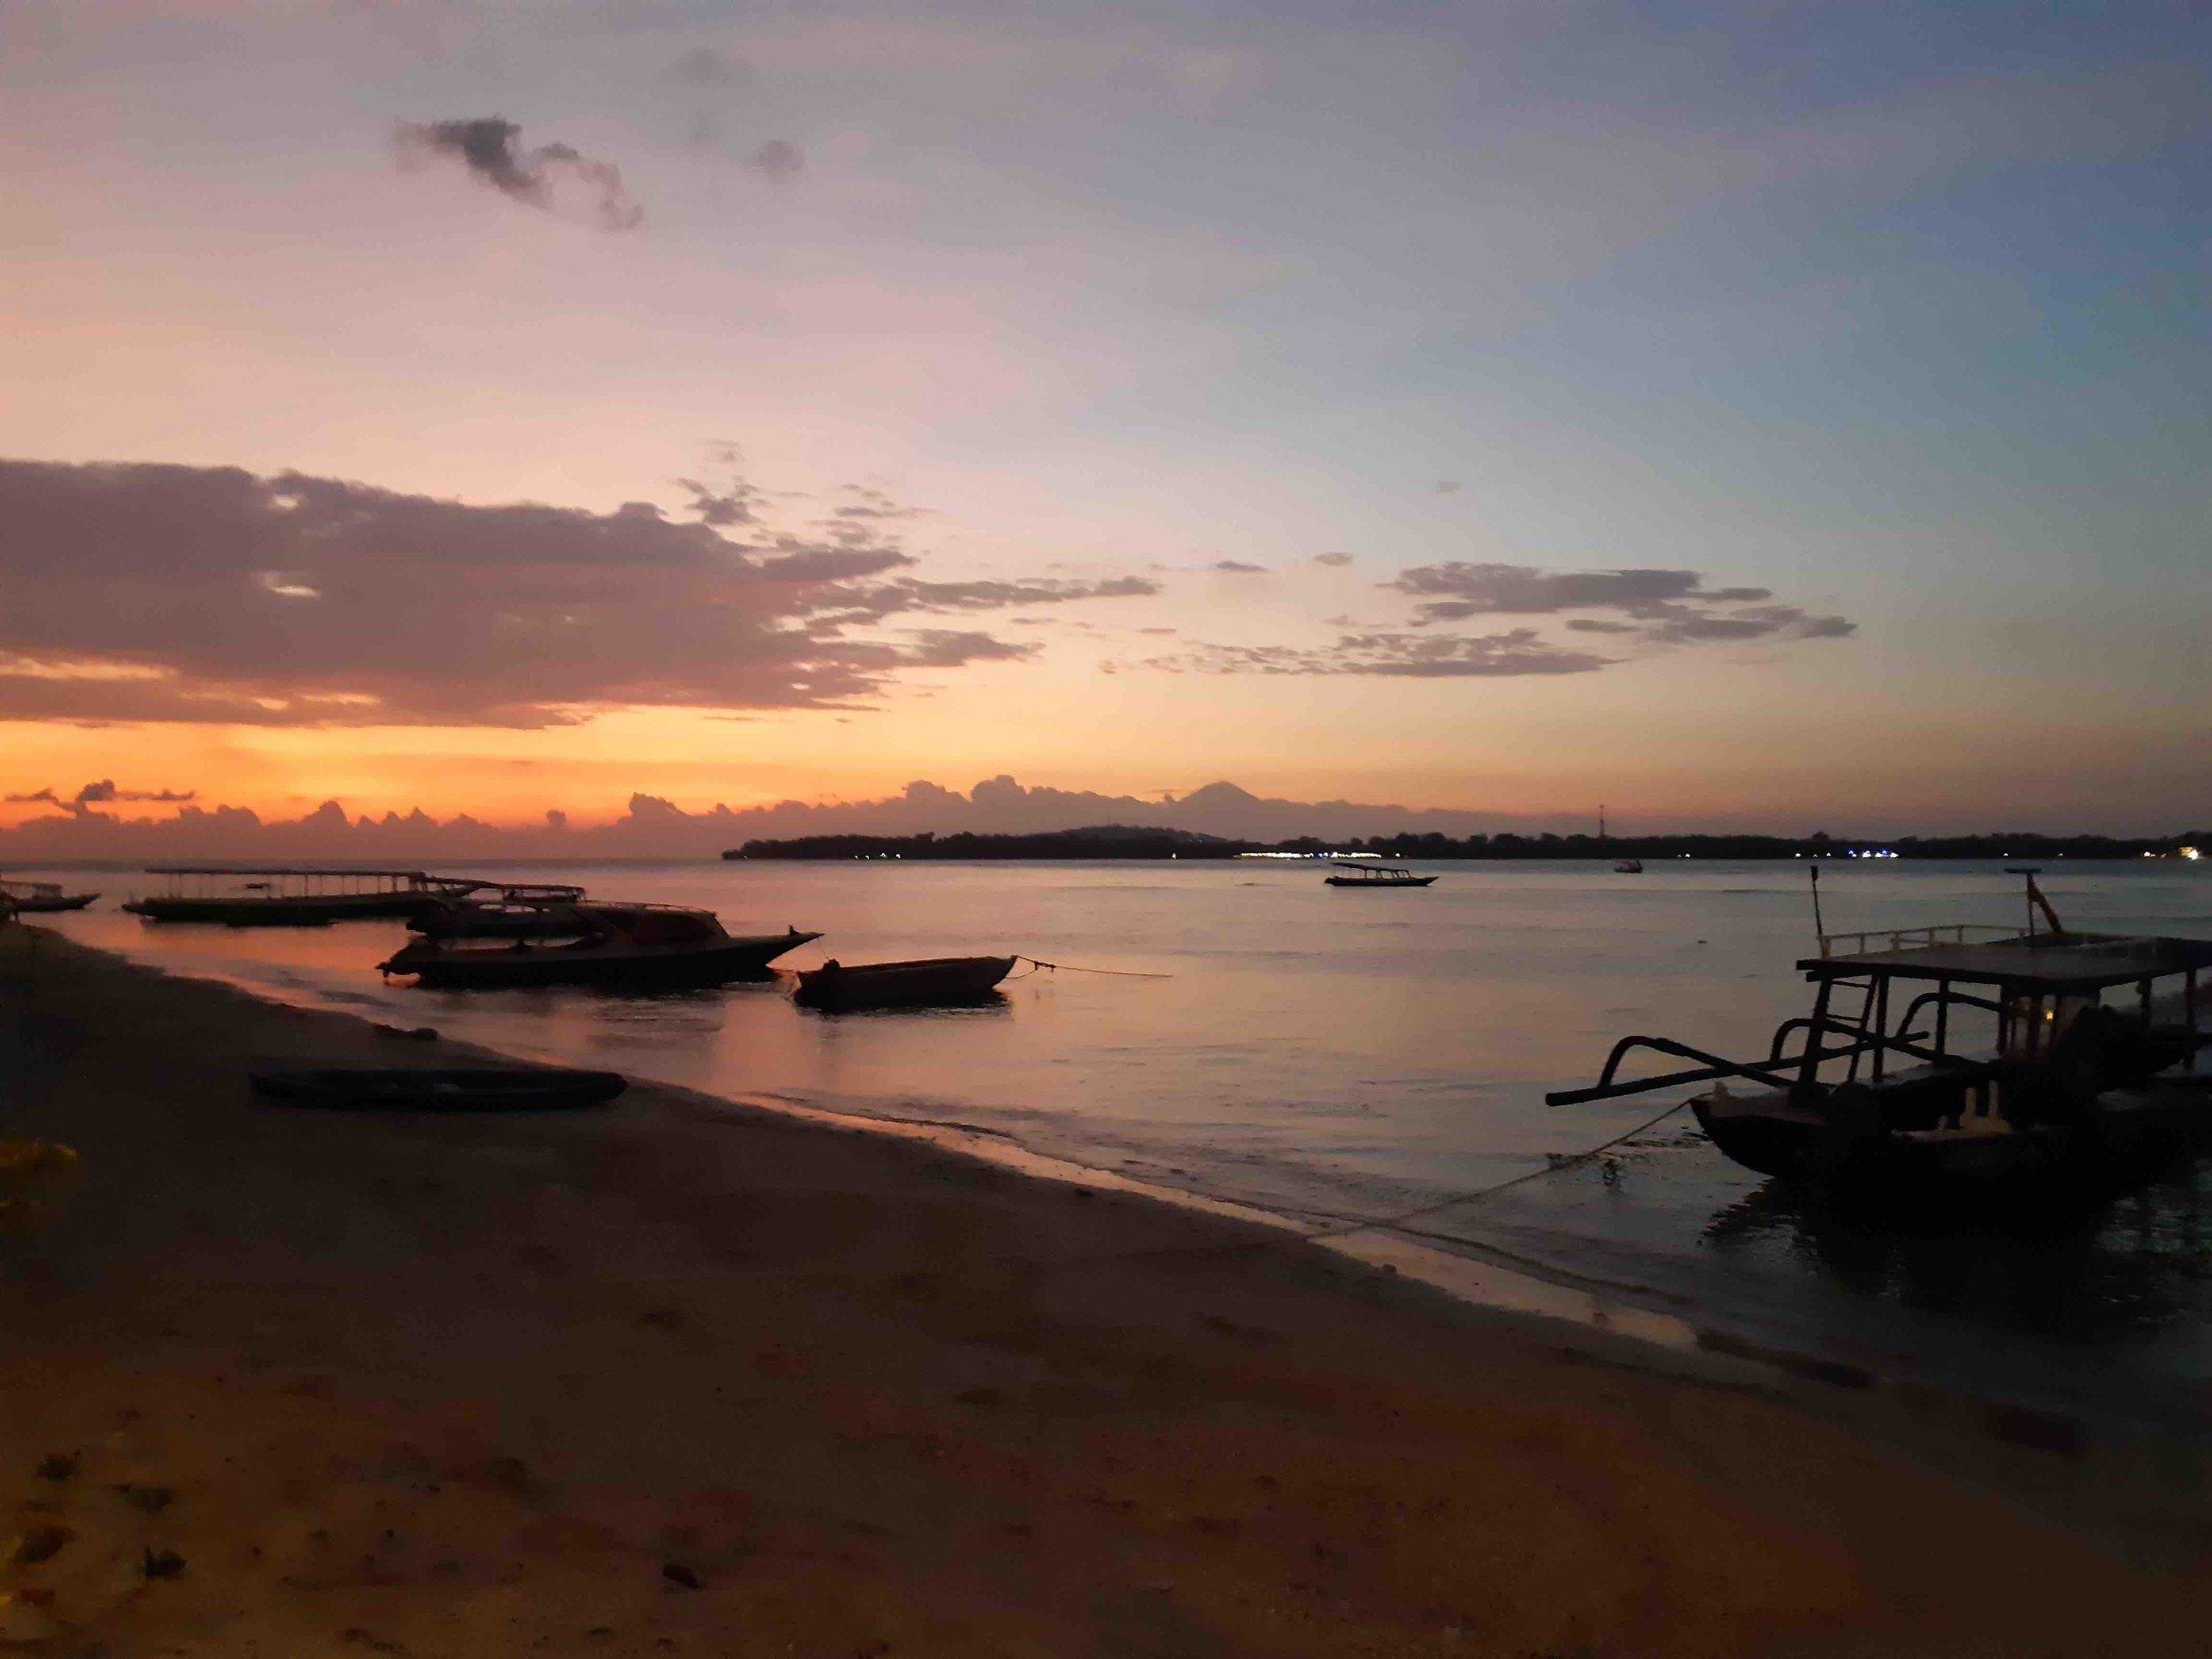 James Buchanan | Sun setting over Gili Meno